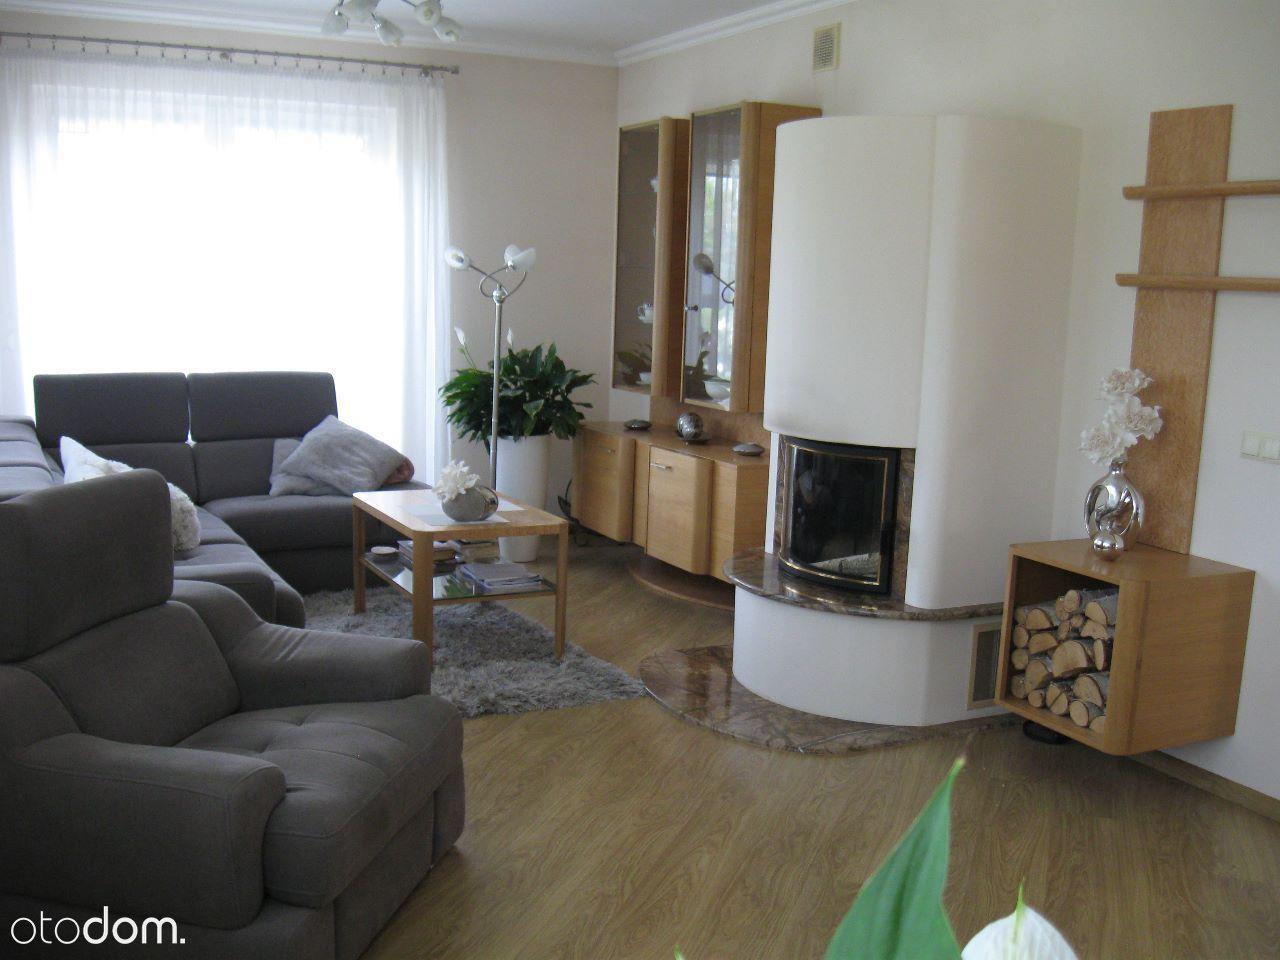 Dom na sprzedaż, Dominów, lubelski, lubelskie - Foto 5